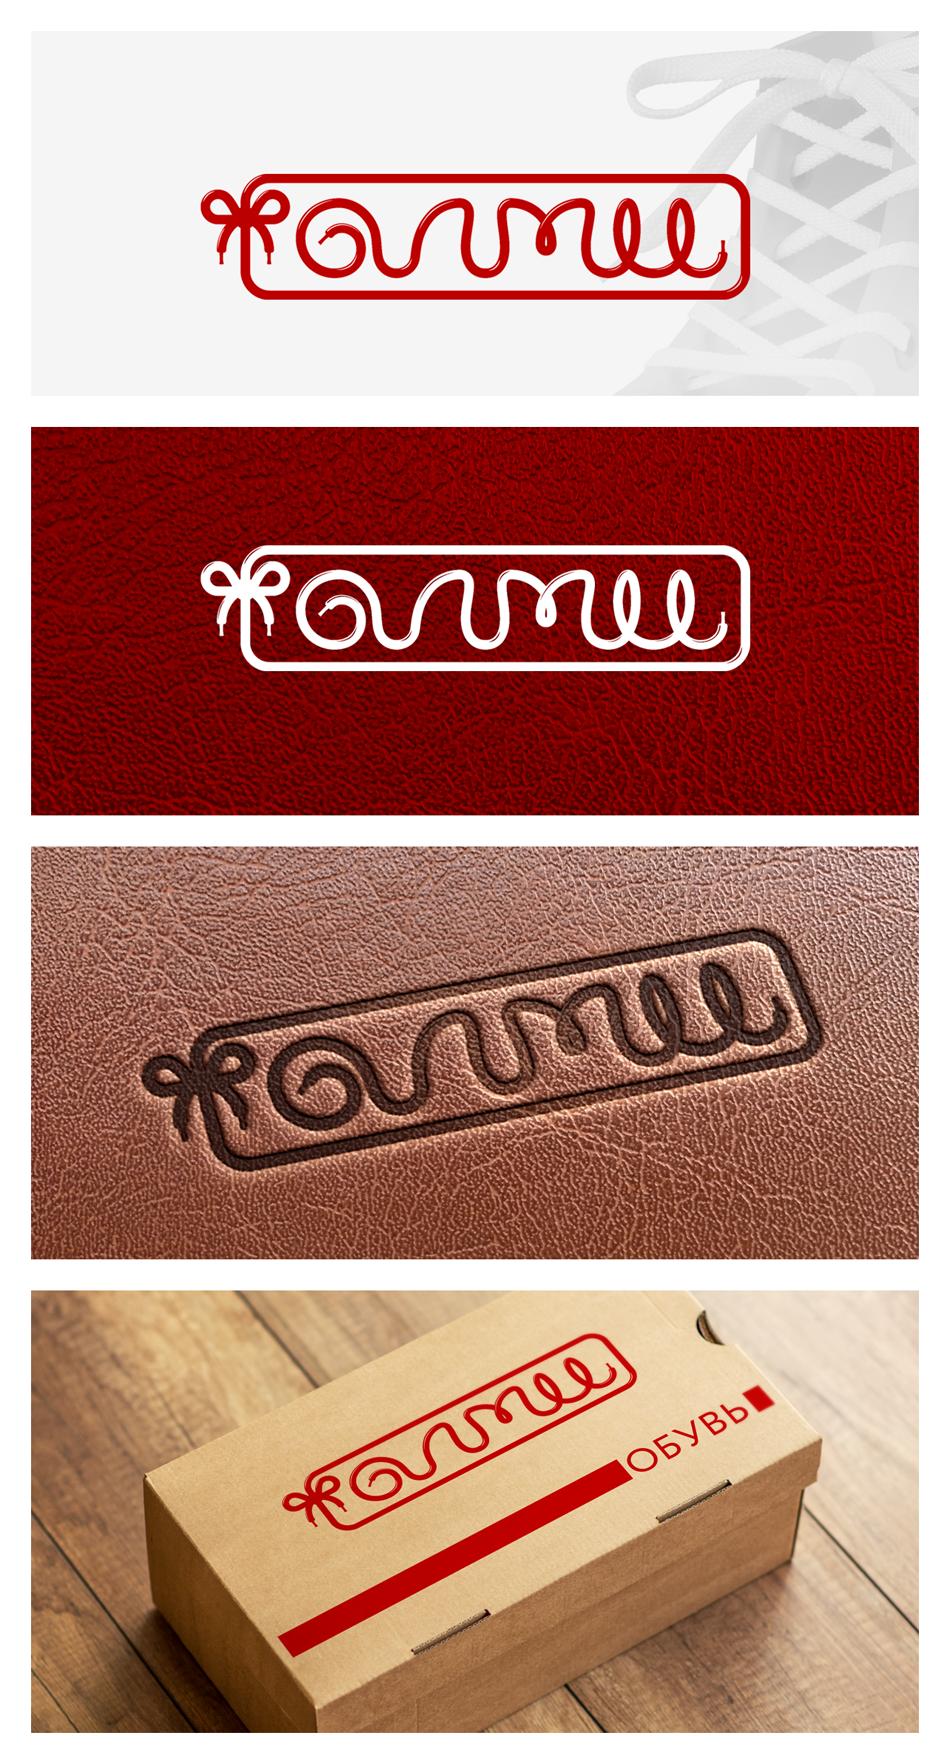 Дизайн логотипа обувной марки Алми фото f_04859f050d57e112.png